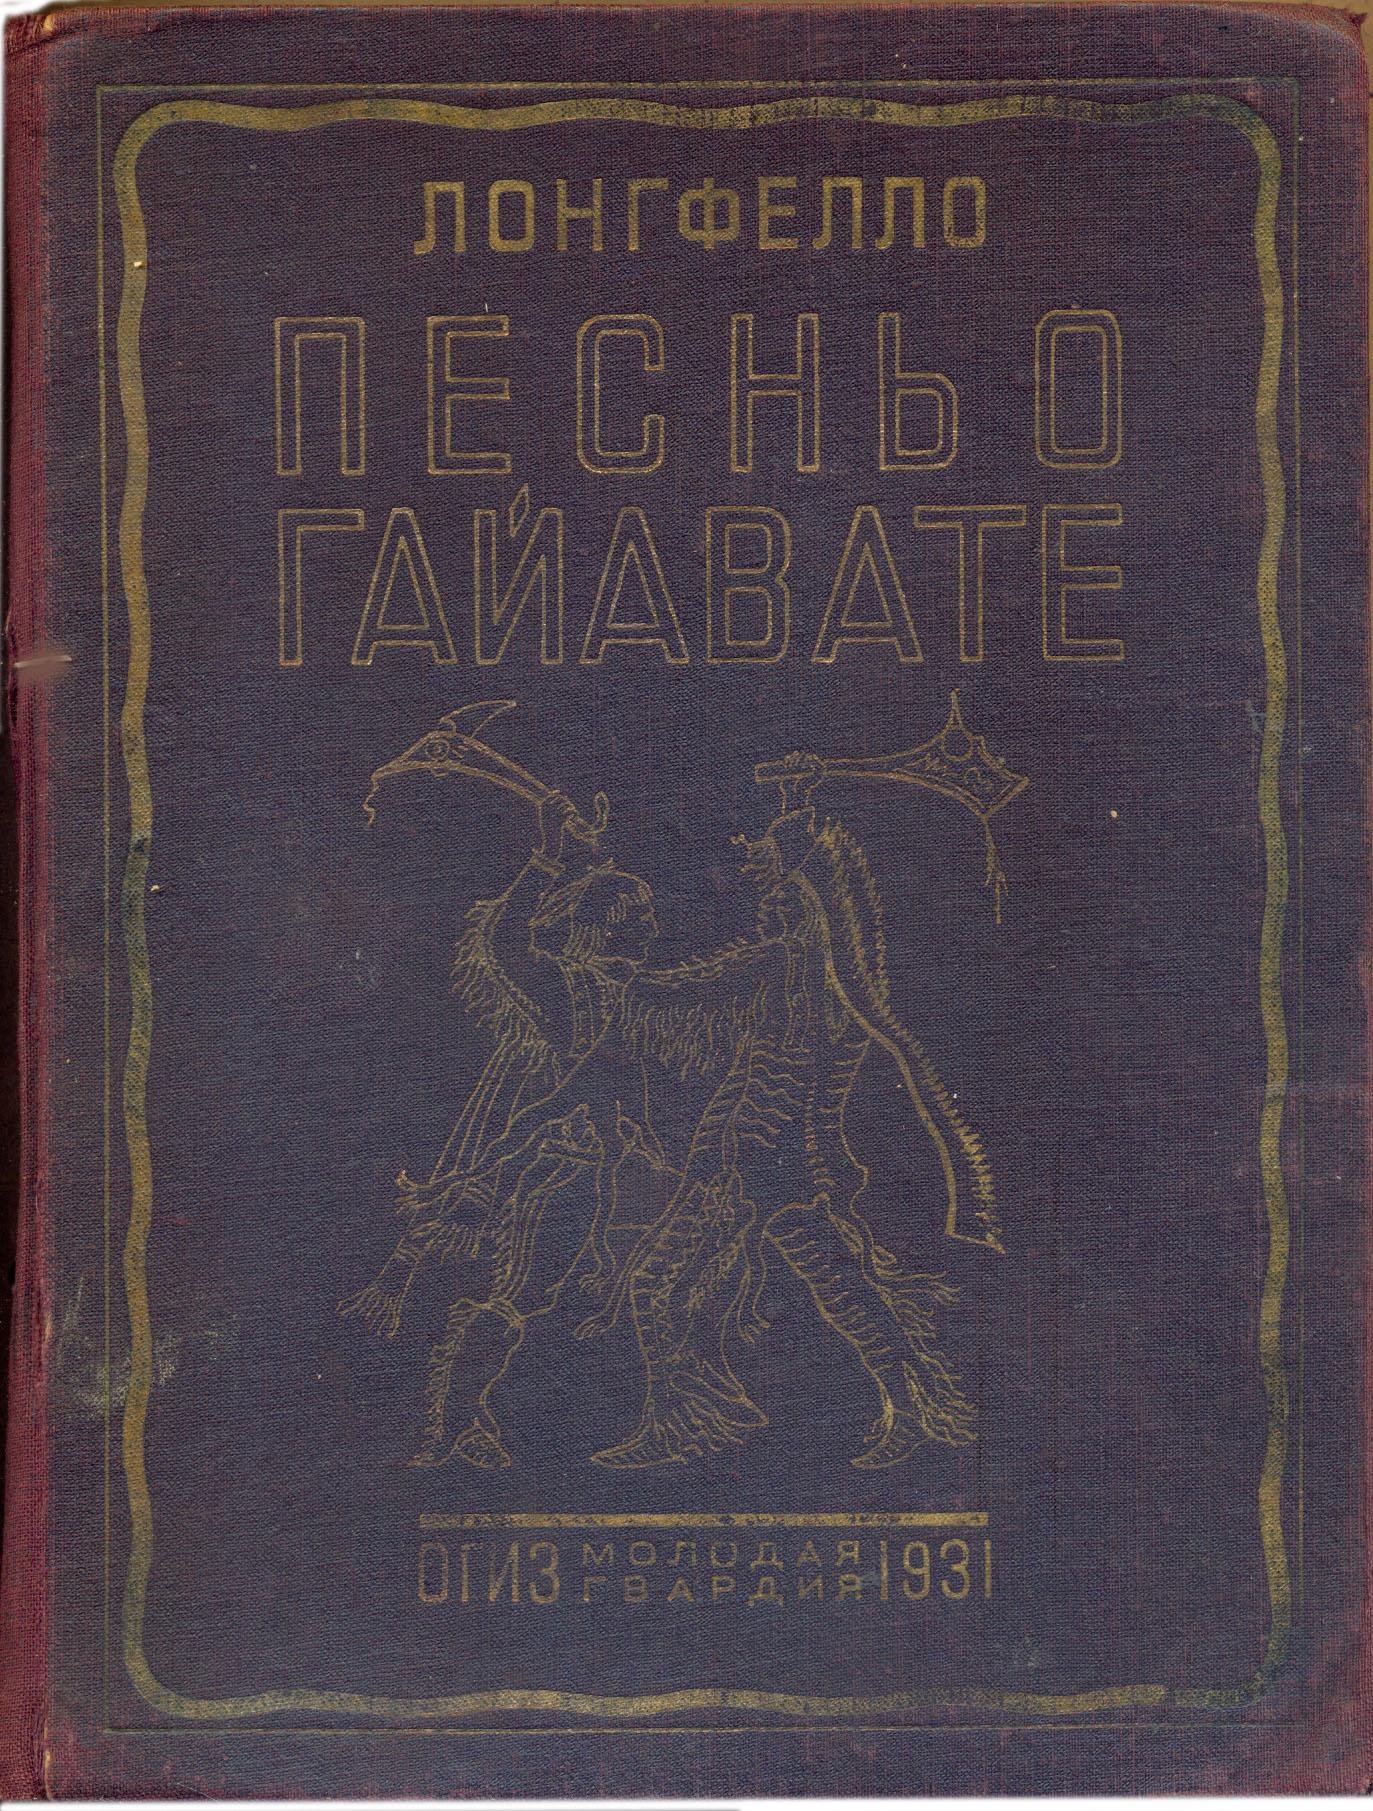 Песнь о Гайавате обложка.jpg